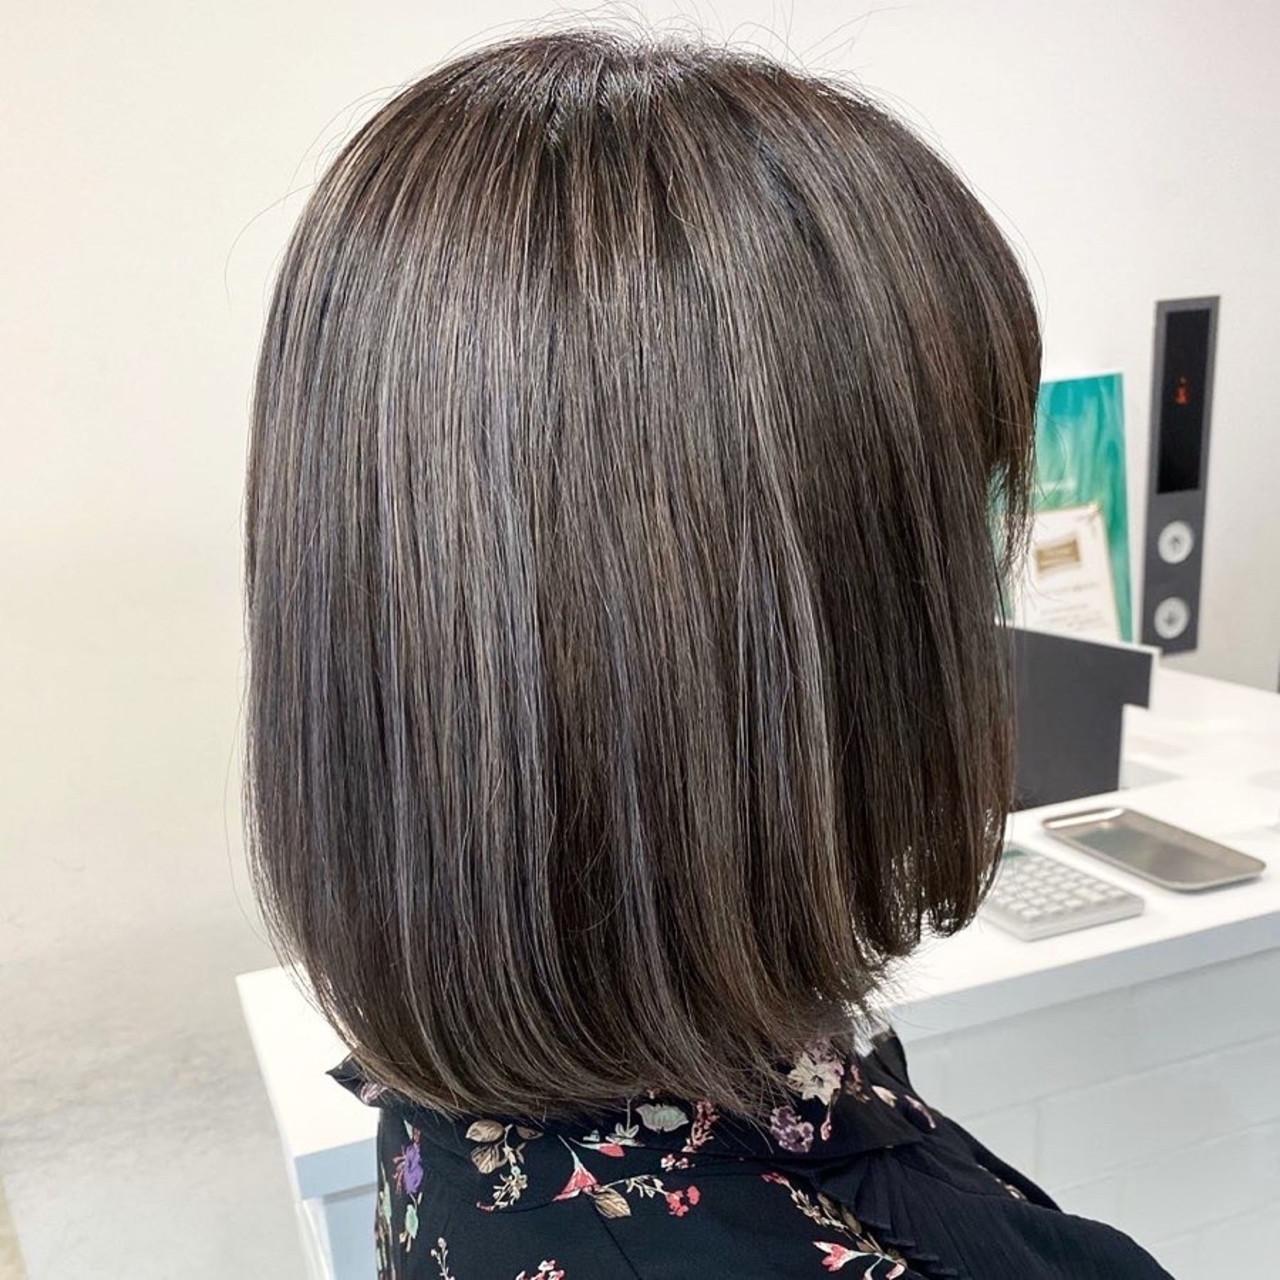 グレージュ 外国人風カラー オフィス ボブ ヘアスタイルや髪型の写真・画像 | ADITION/ナカ カズキ / ADITION